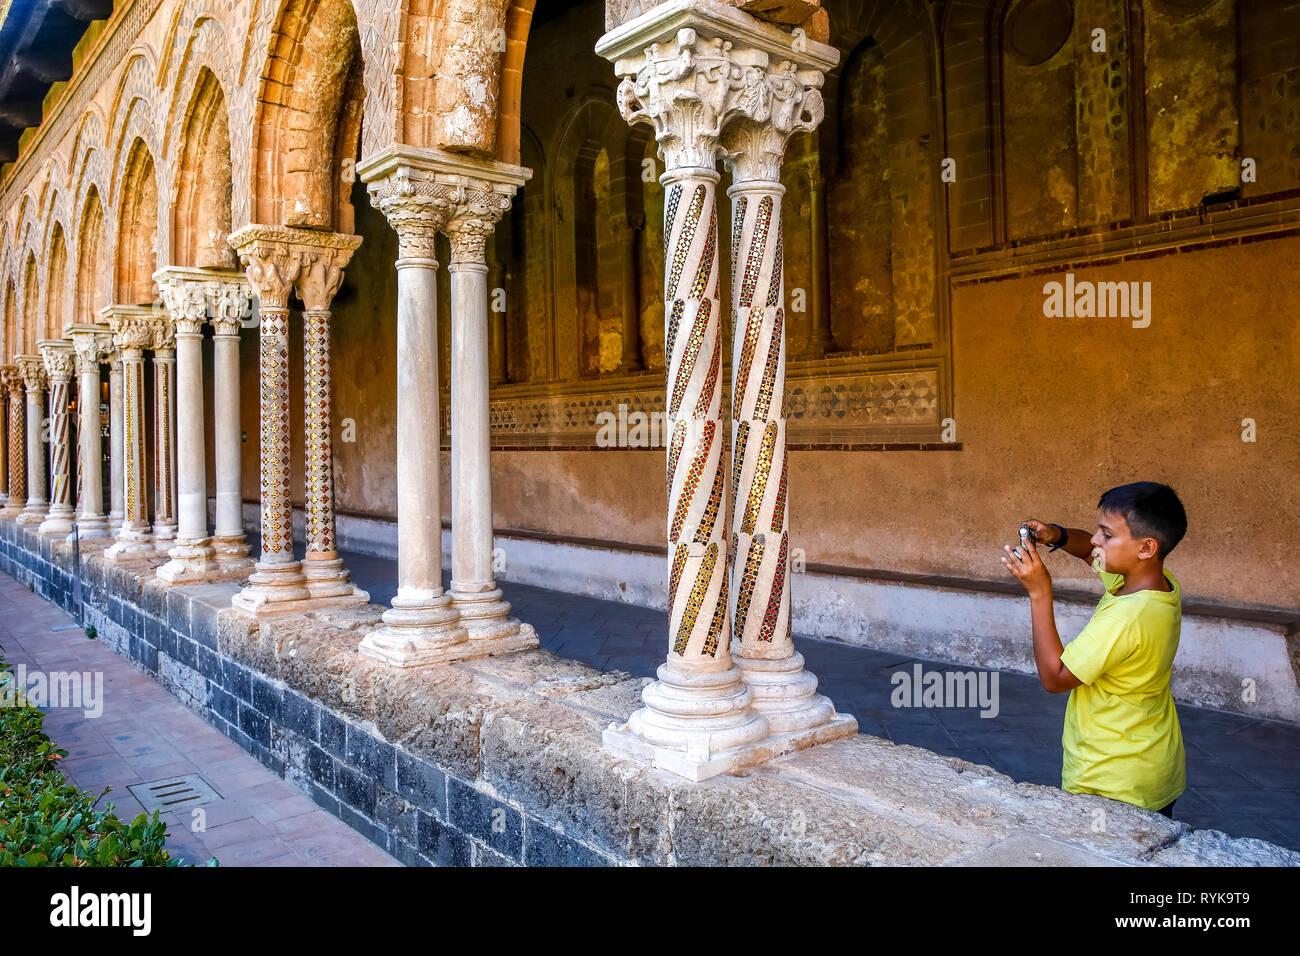 Jeune garçon de 12 ans de prendre une photo dans le cloître de la cathédrale de Monreale, Sicile (Italie). Photo Stock